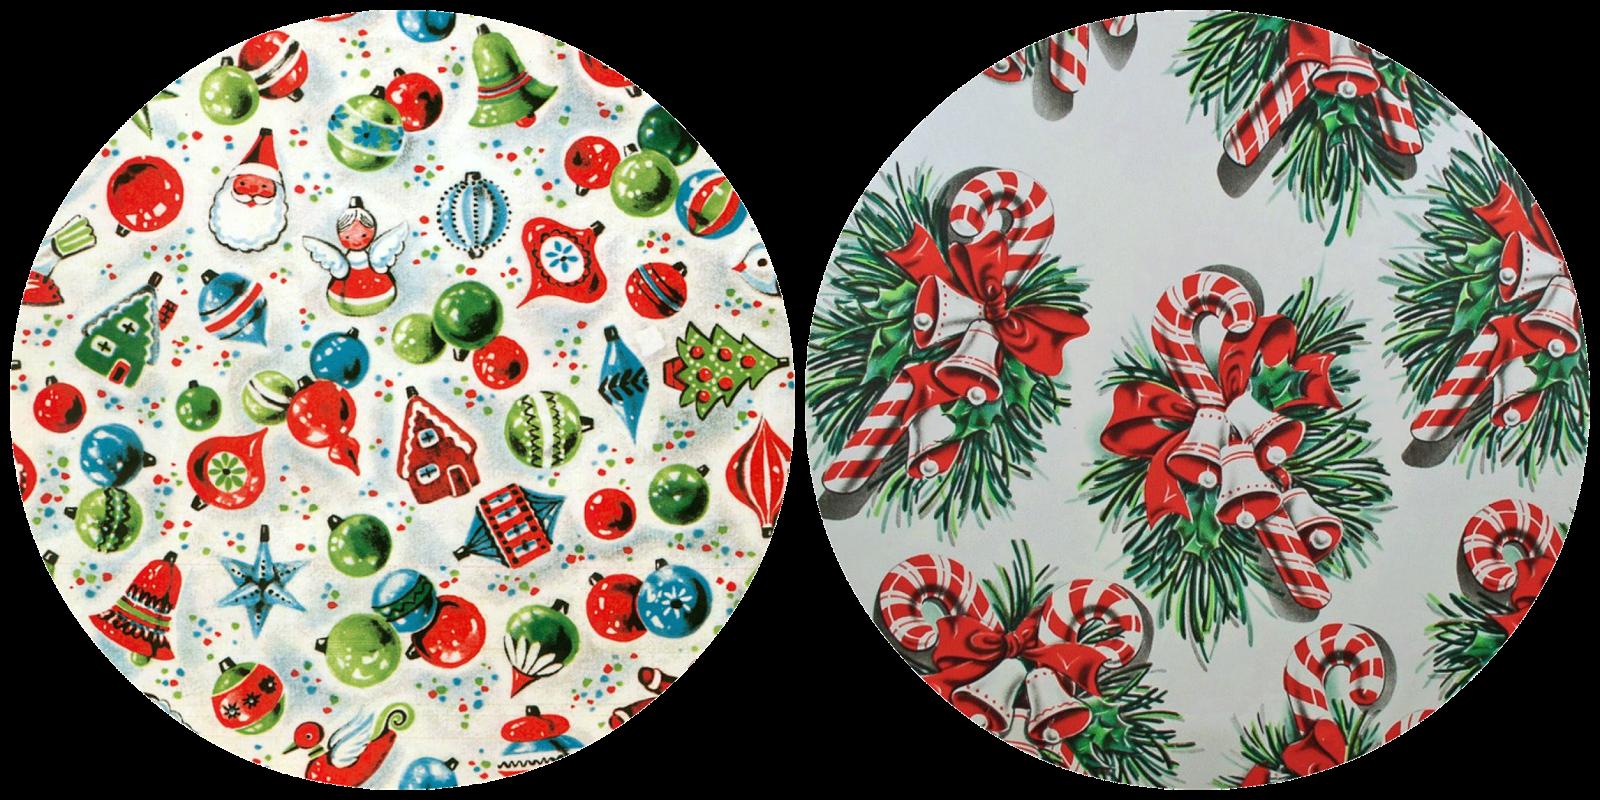 Diseno Patterns Para Una Navidad Vintage La Musa Decoracion - Vintage-navidad